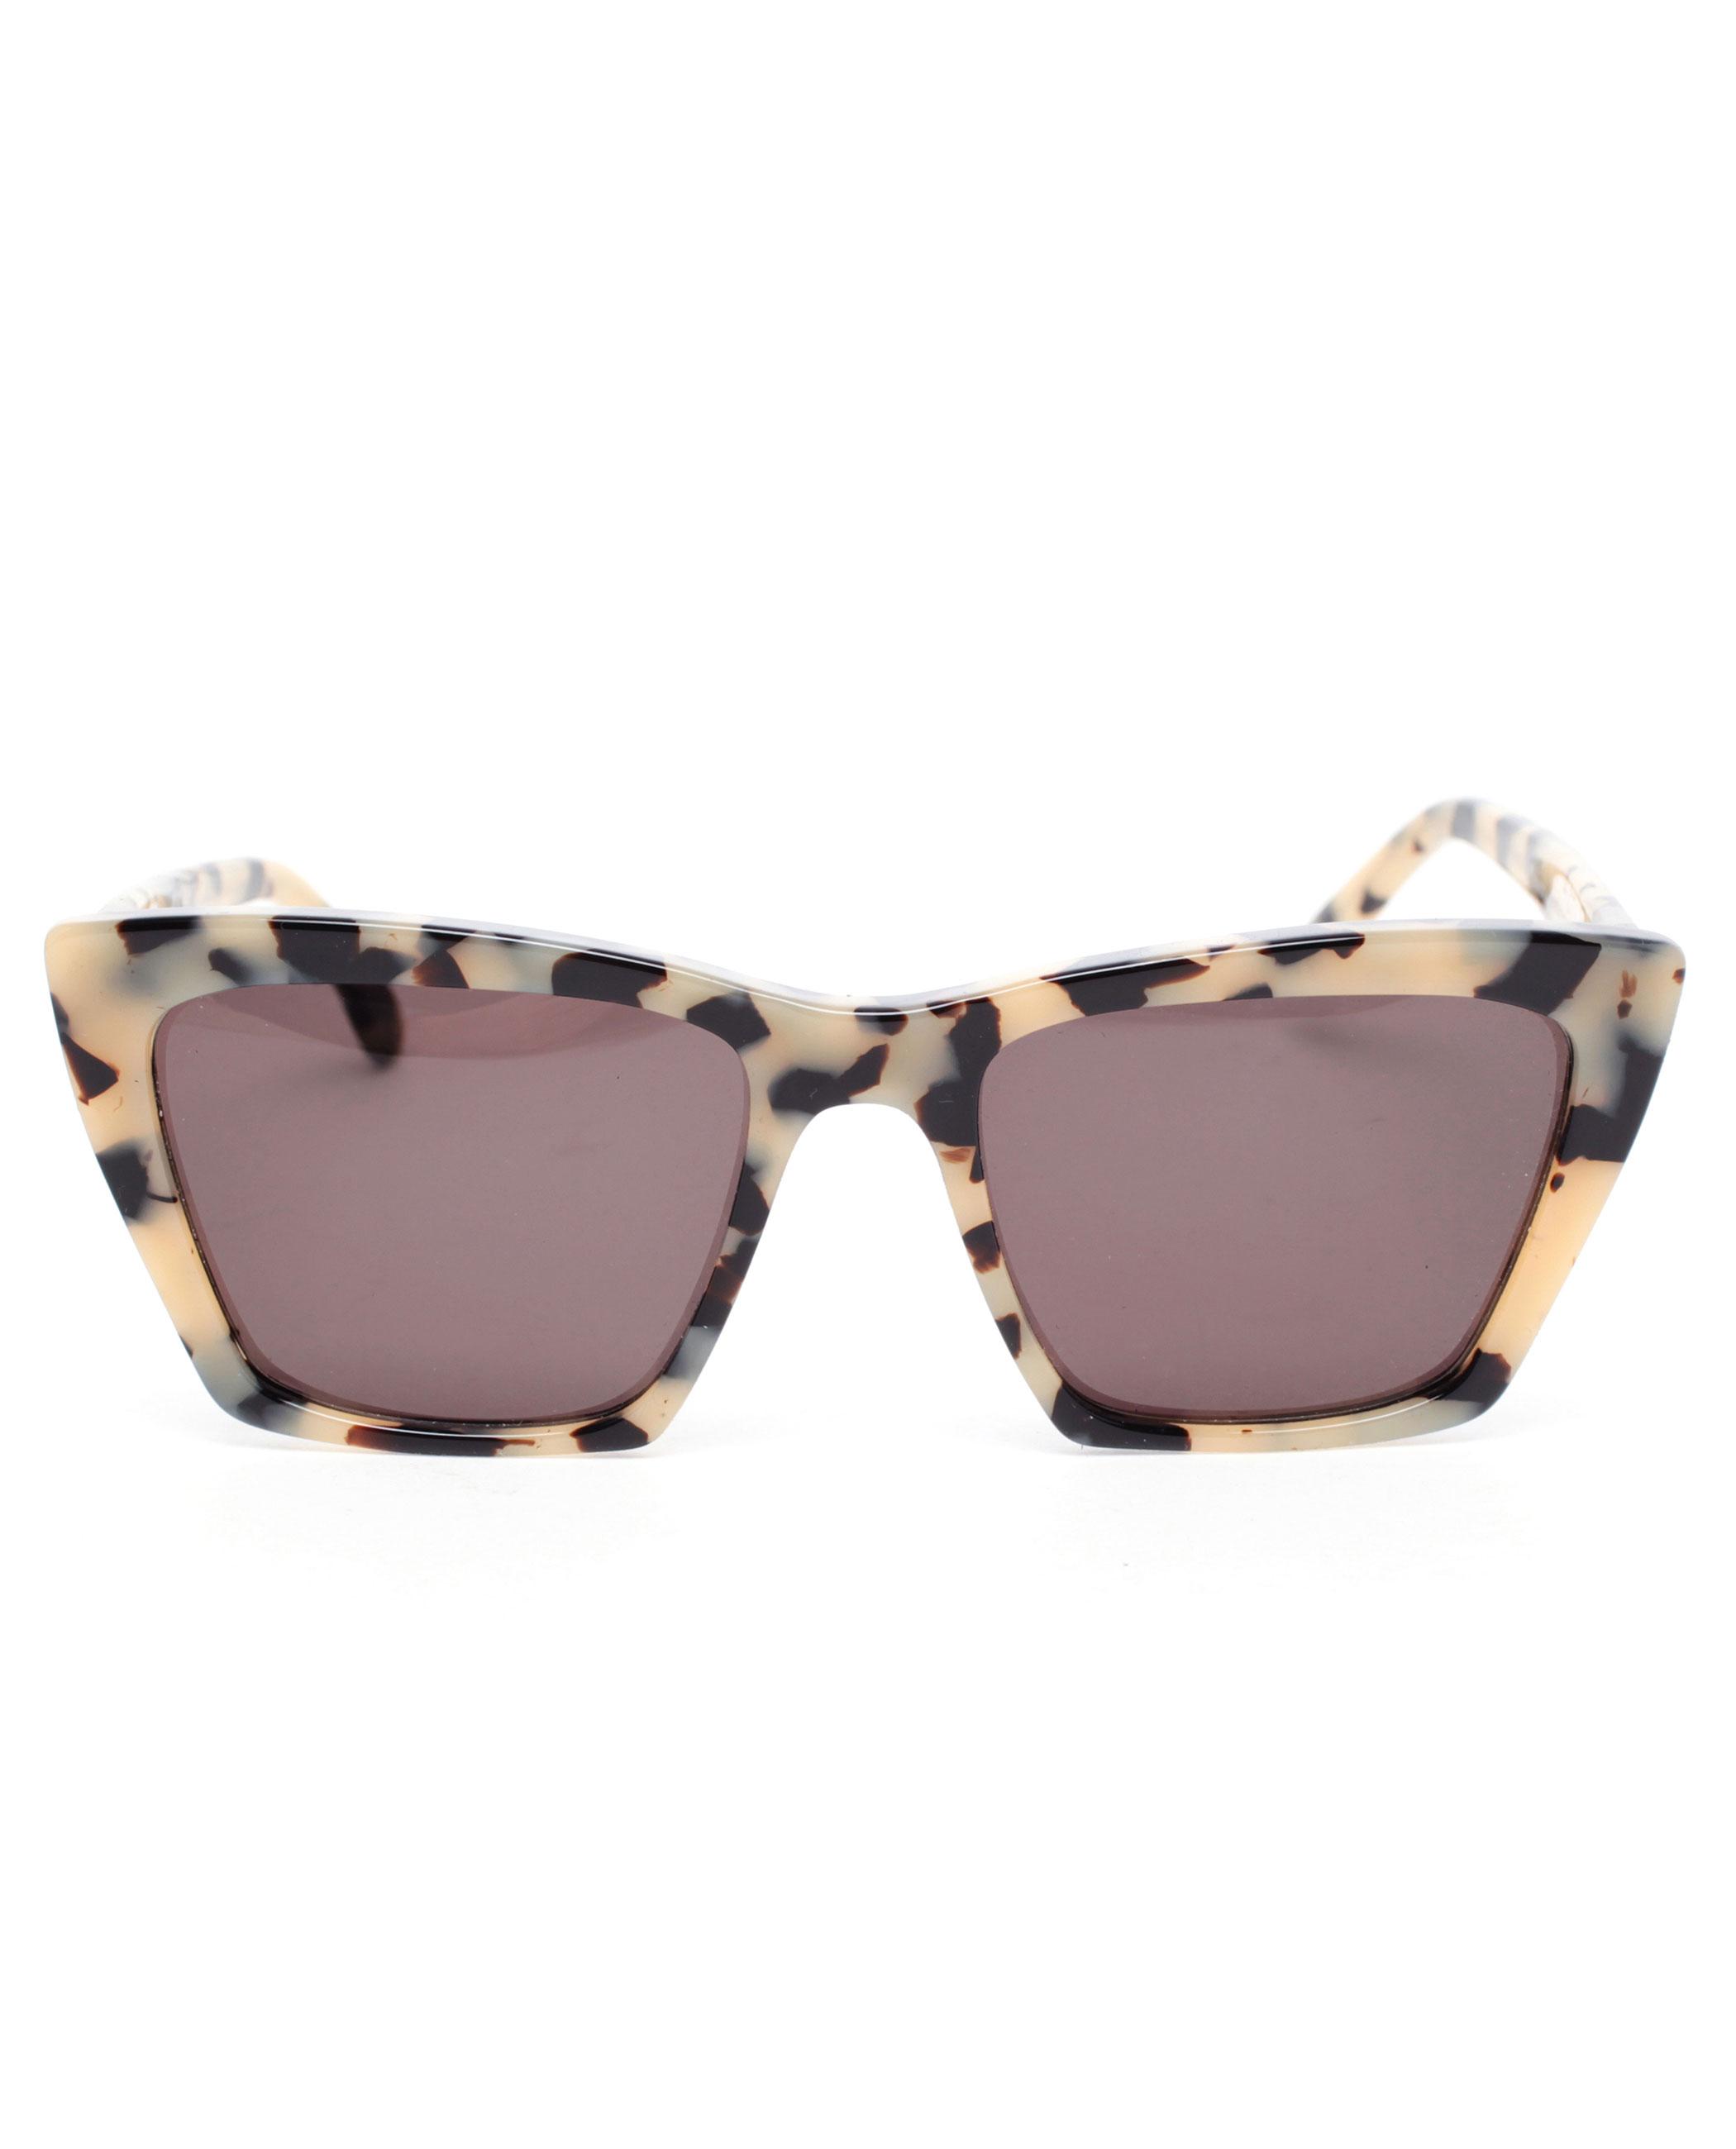 tortoise shell sunglasses yf02  Gallery